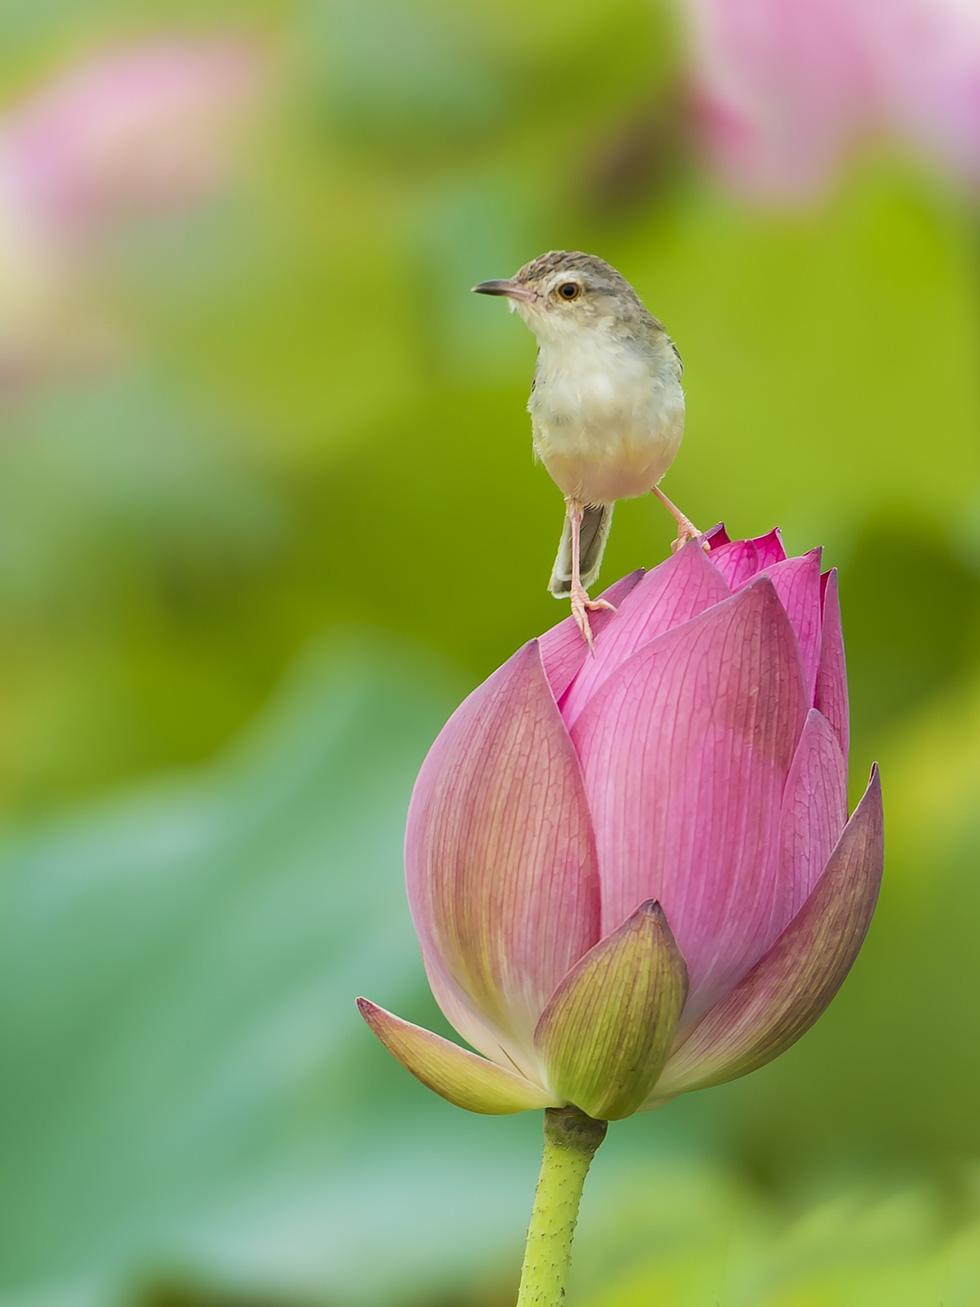 Phút chùng lòng cuối năm, rưng rưng nhớ những mùa hoa Hà Nội - Ảnh 12.